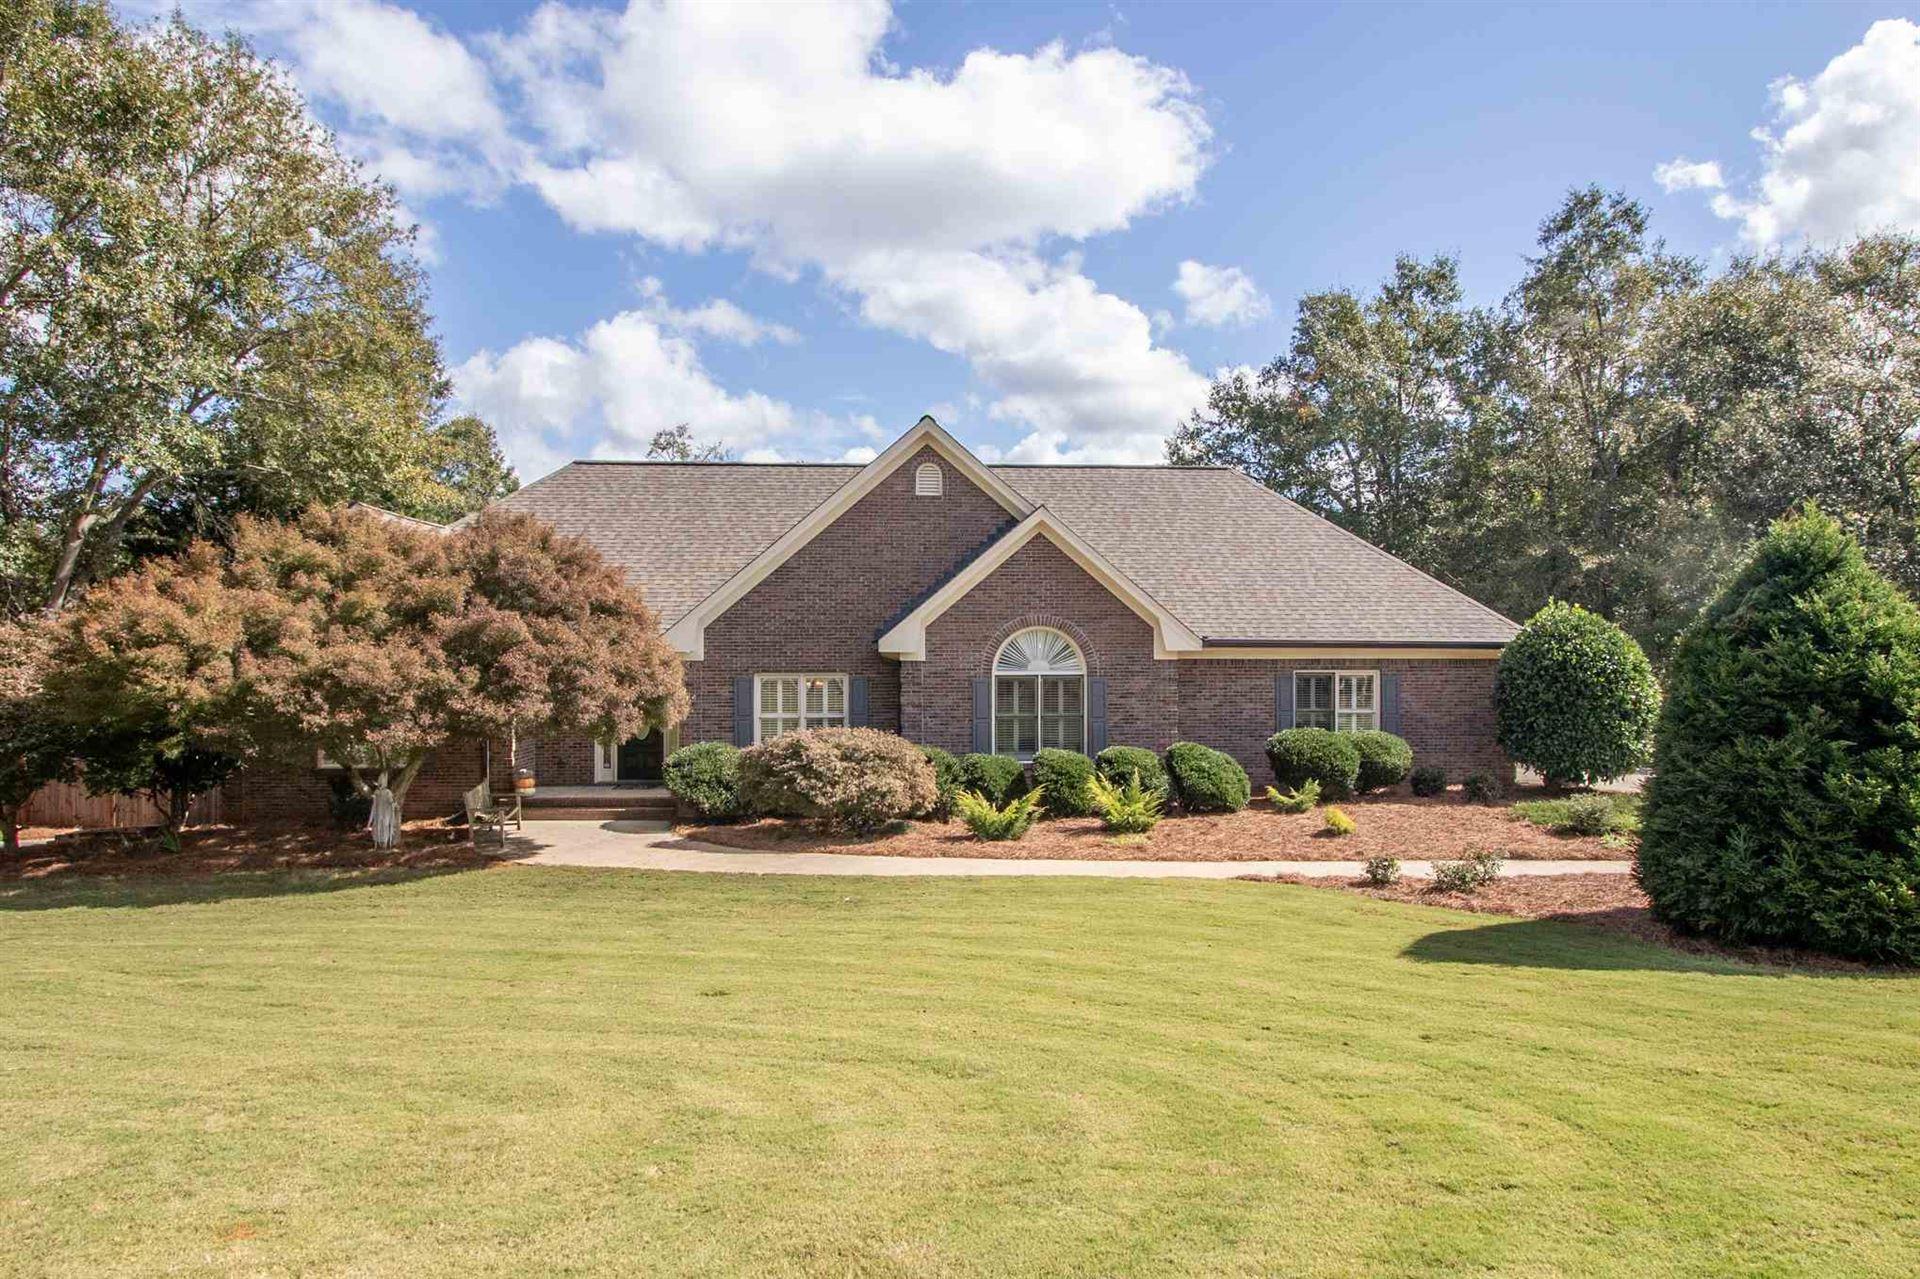 155 Cotton Creek Dr, McDonough, GA 30252 - #: 8879813